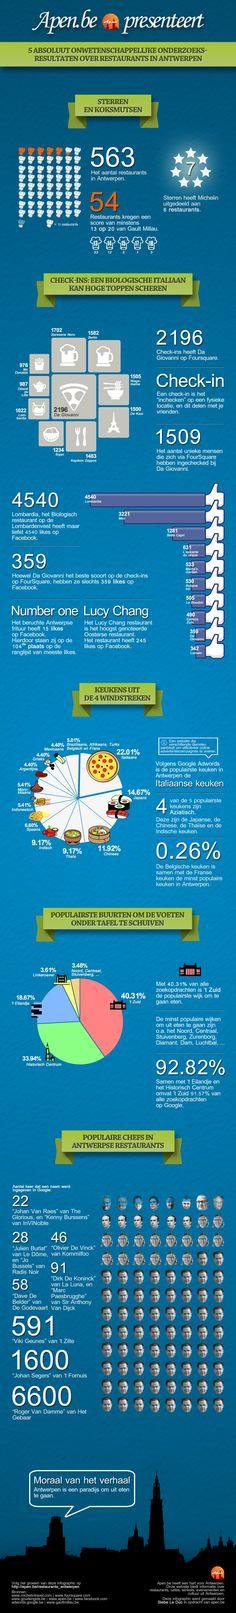 Resturants @ Antwerpen: 'ns kijken of je kan kiezen!